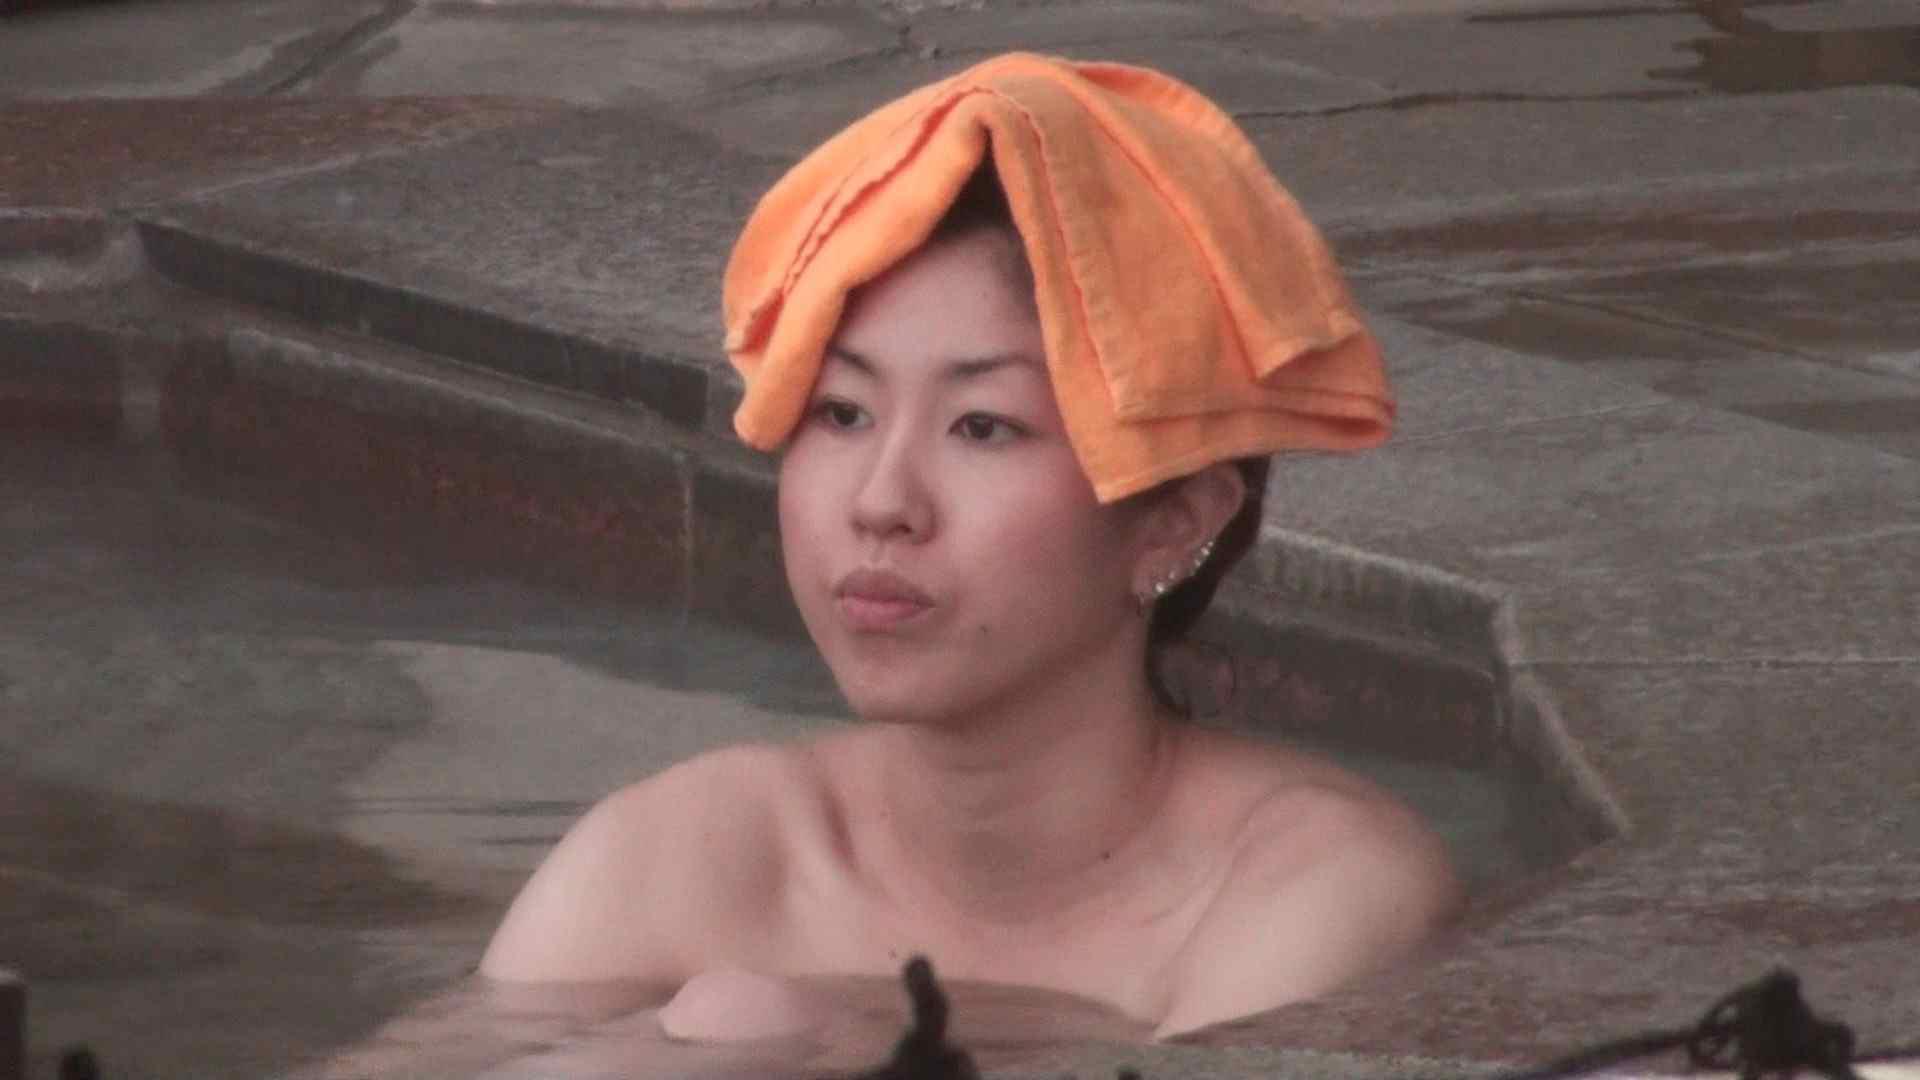 Aquaな露天風呂Vol.135 美しいOLの裸体 覗きおまんこ画像 105pic 89